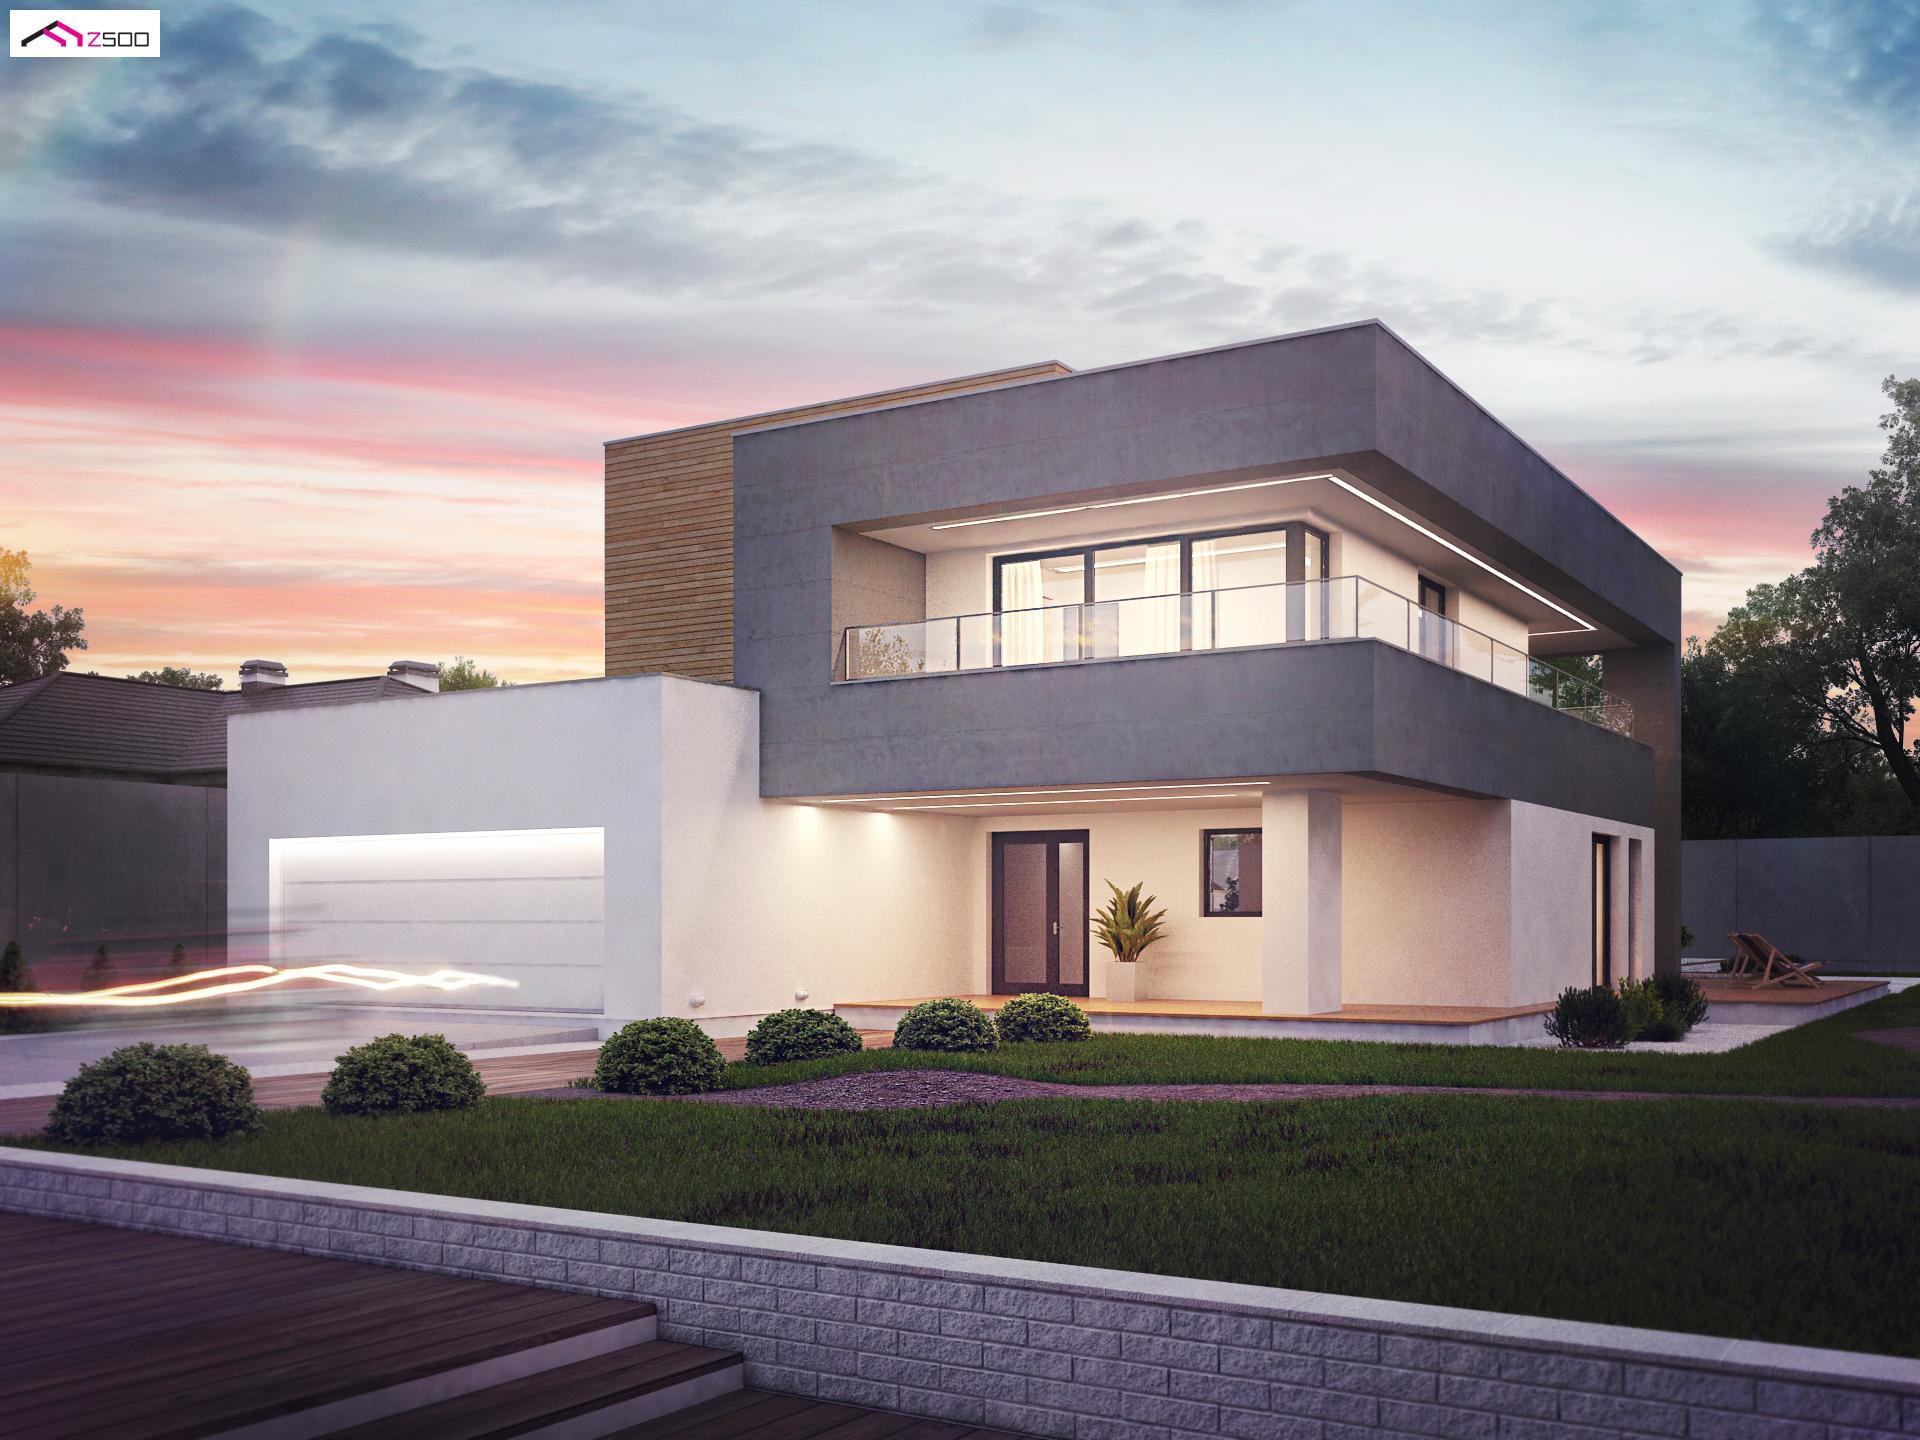 Zx108 Techwood House Tenerife